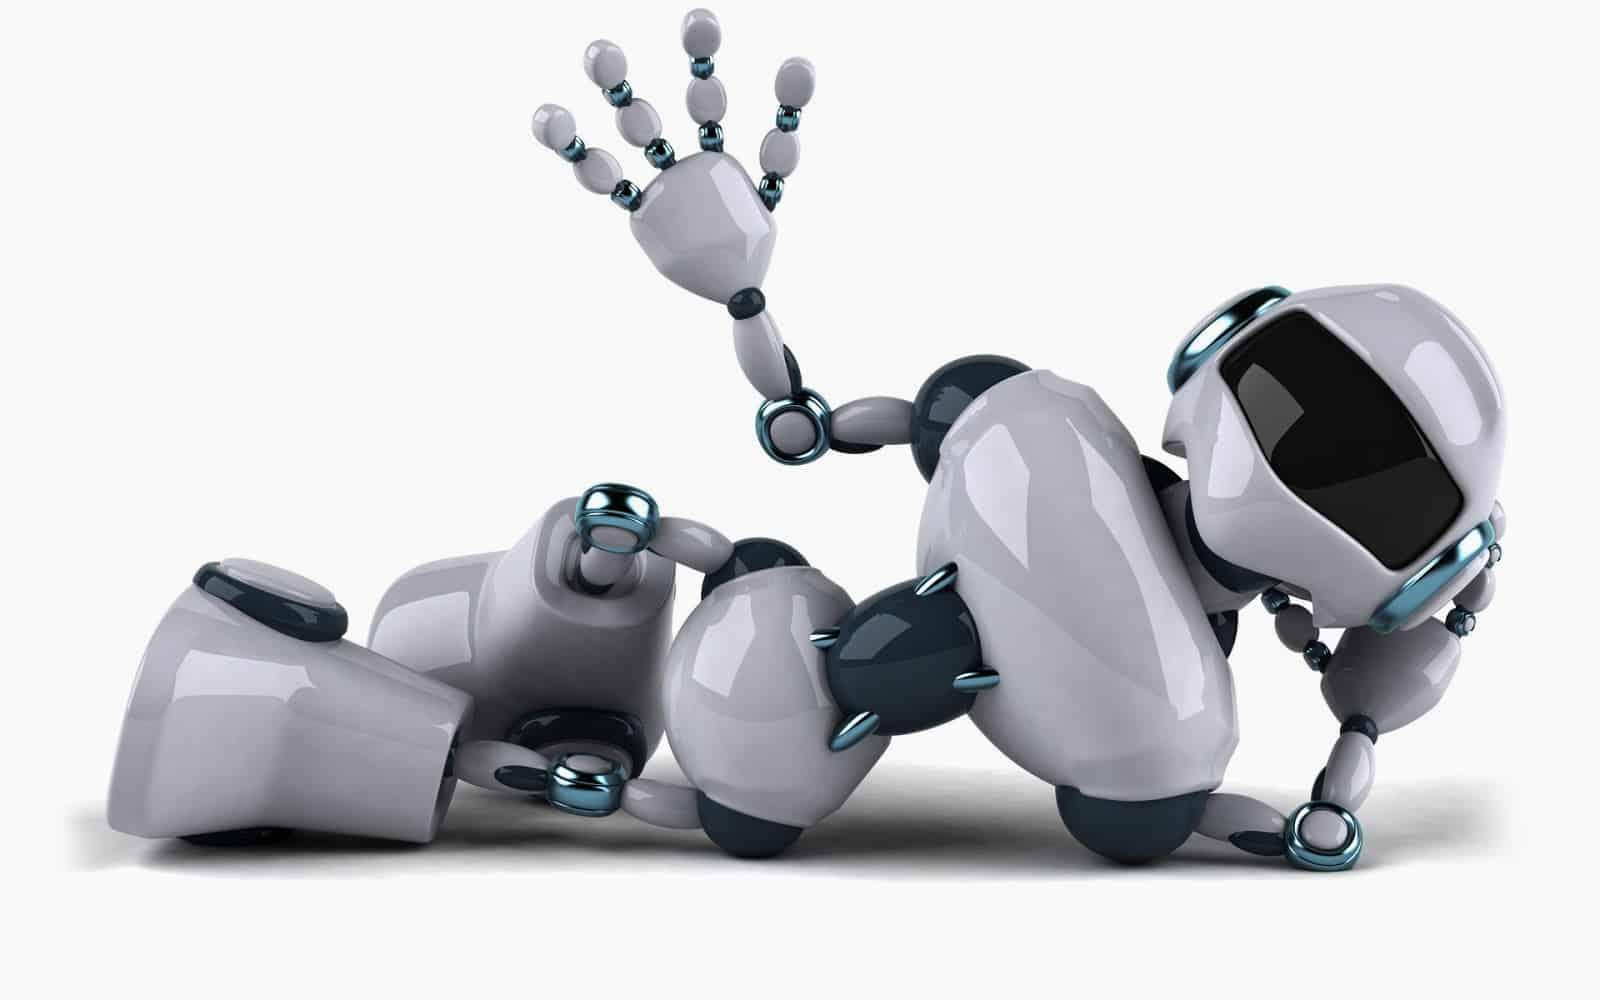 pastorsline Robot